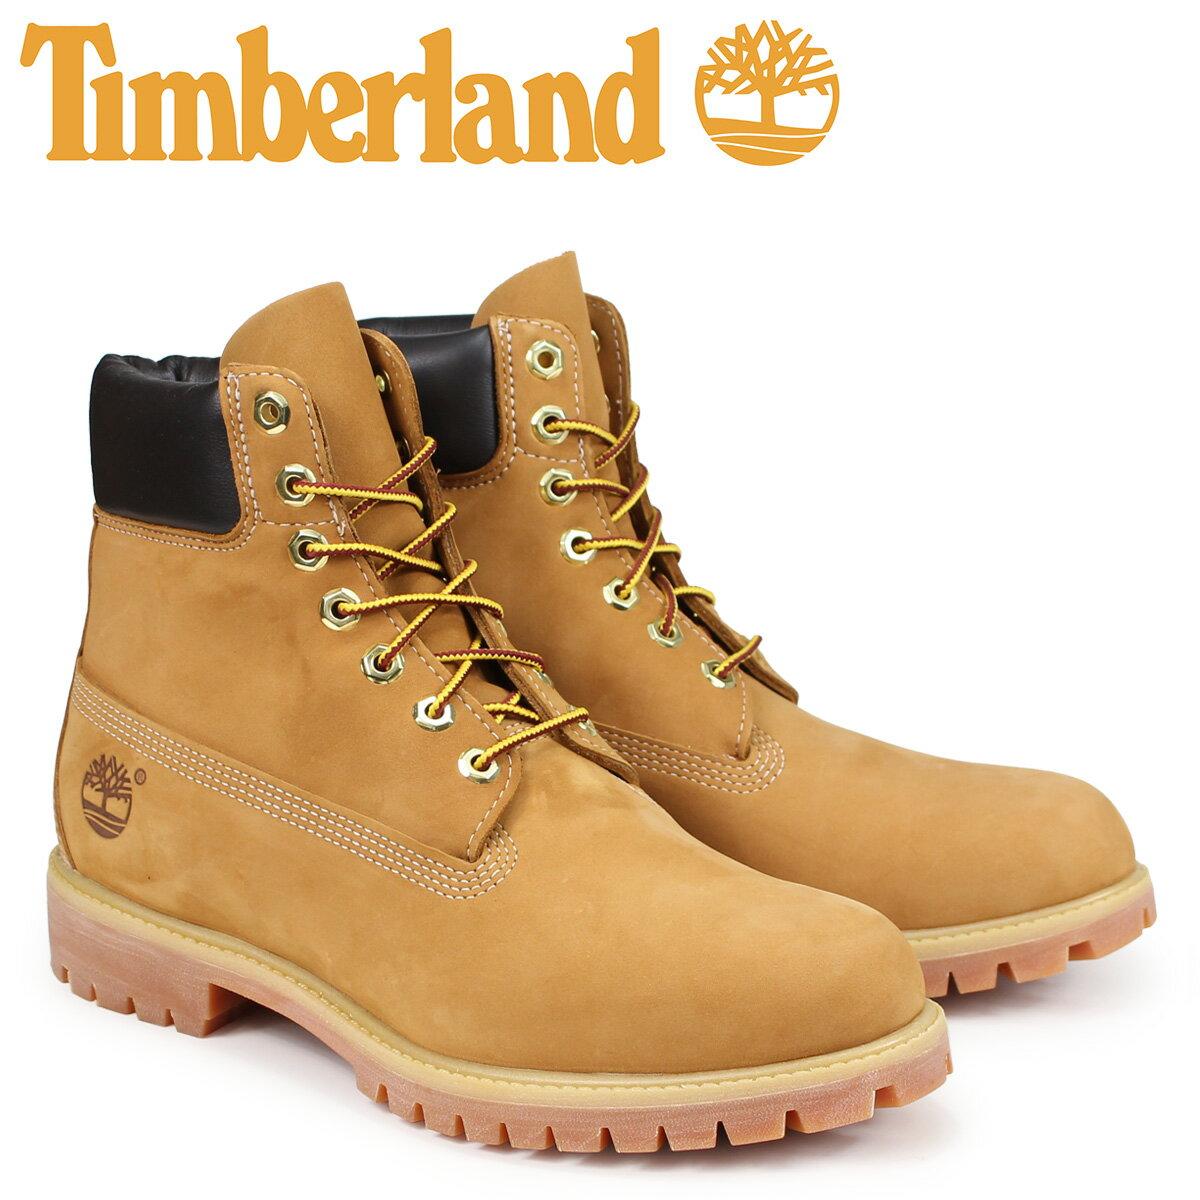 ティンバーランド ブーツ メンズ 6インチ Timberland 6INCH PREMIUM WATERPROOF BOOTS 10061 プレミアム ウォータープルーフ [一部11/18 追加入荷]